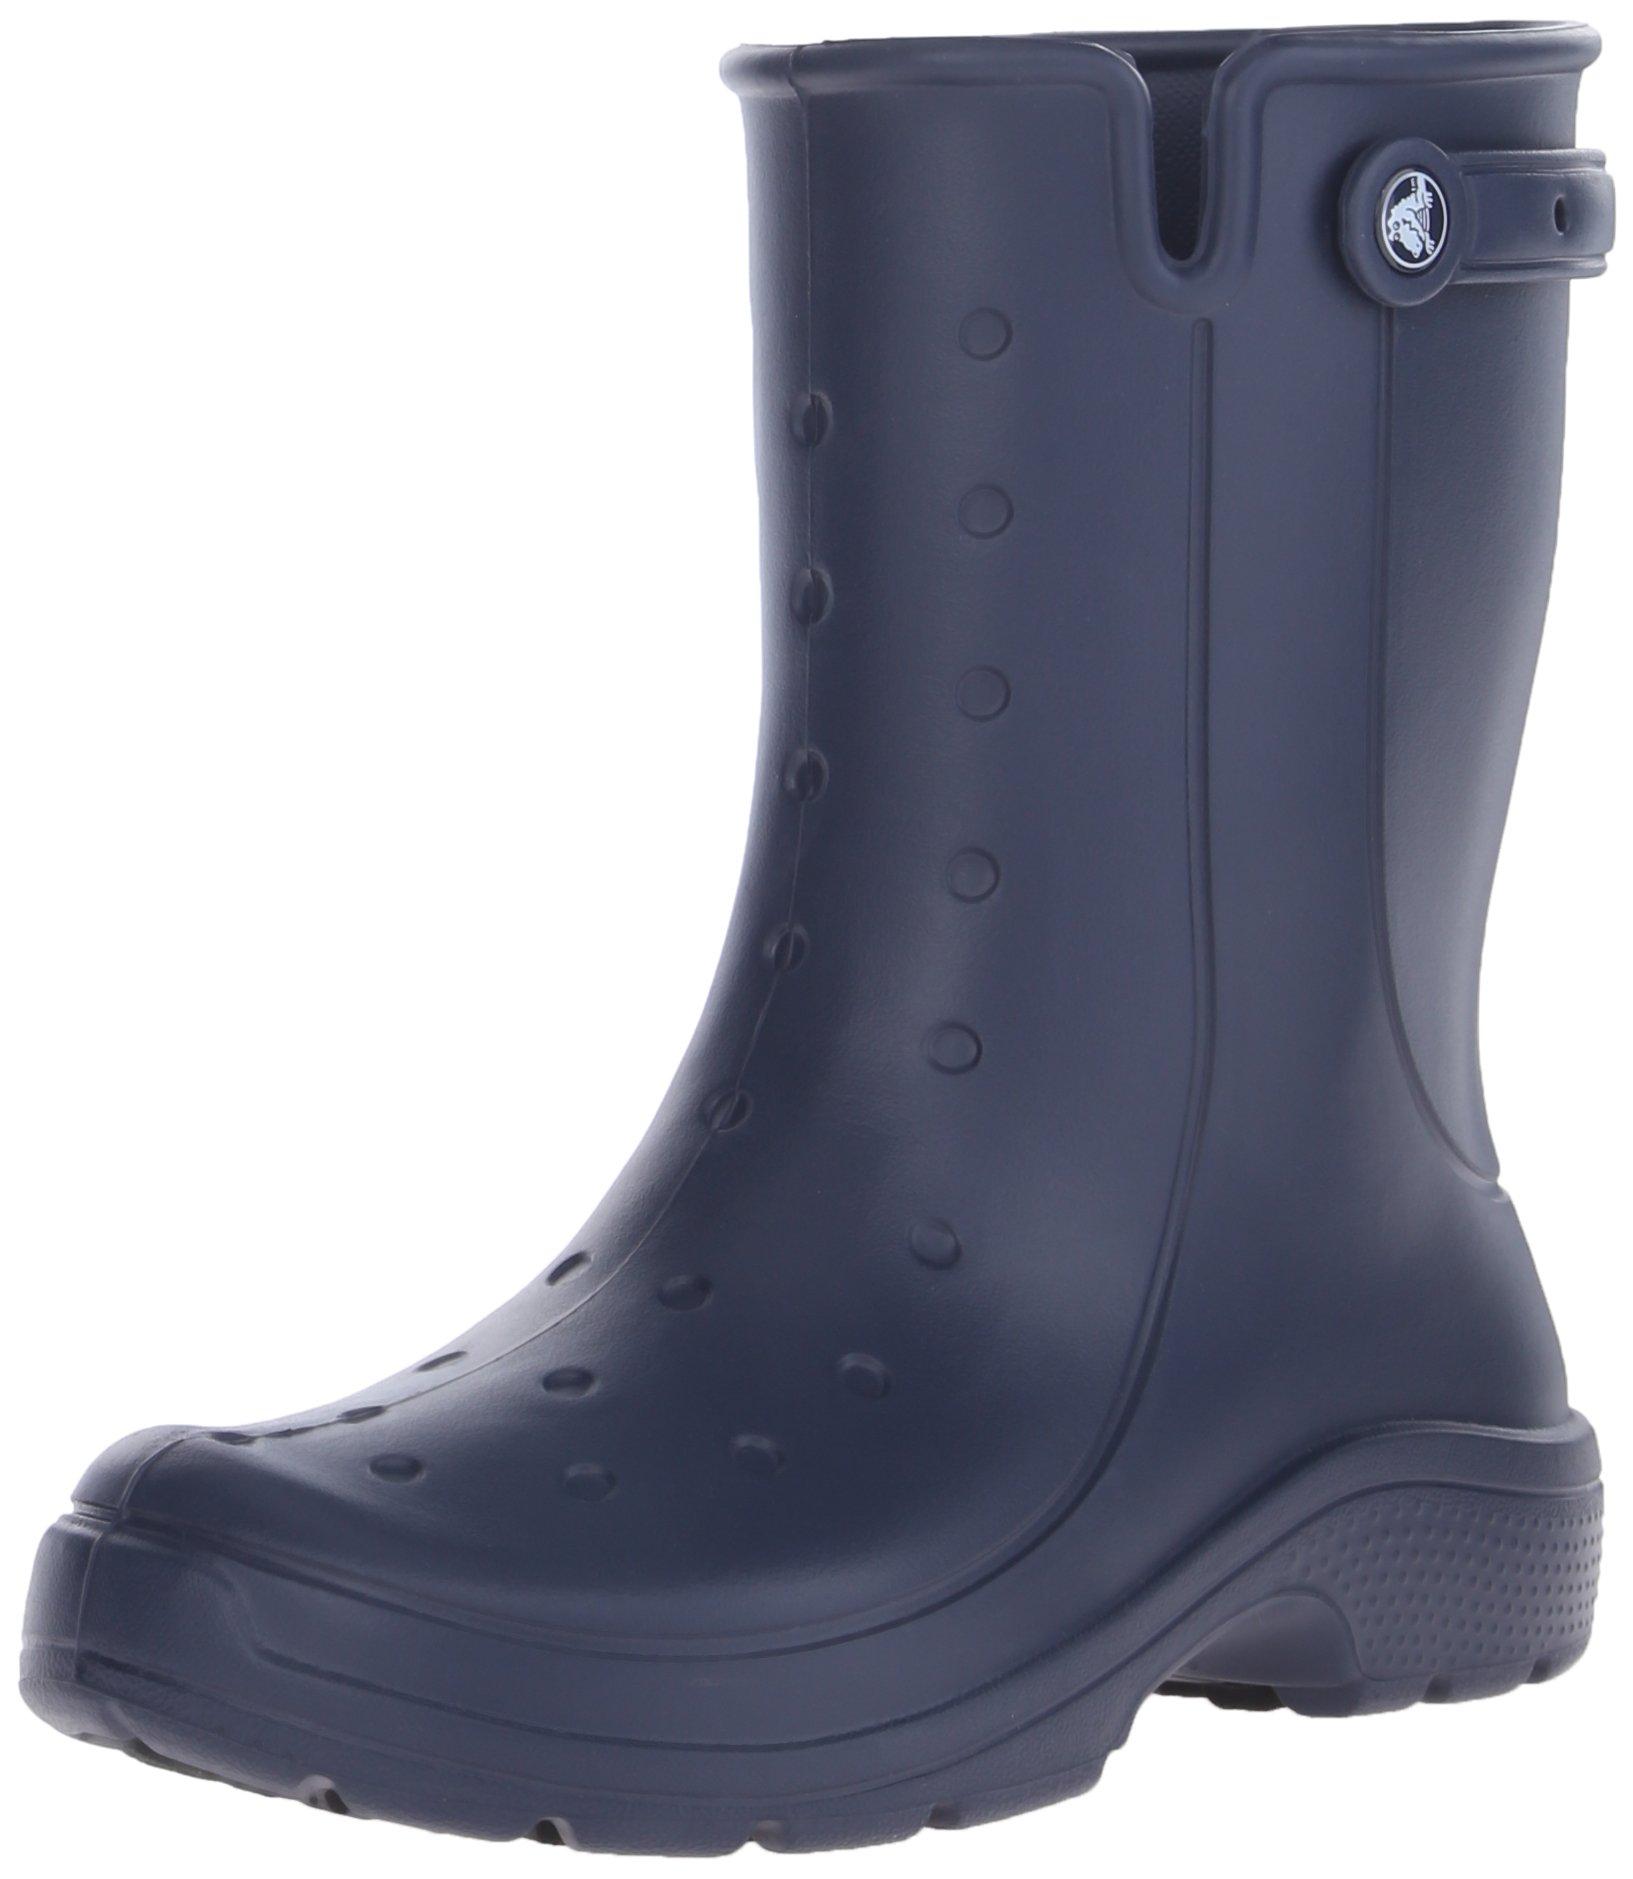 Crocs Unisex Reny II Rain Boot, Navy, 7 M (D) US Men/9 M (B) US Women